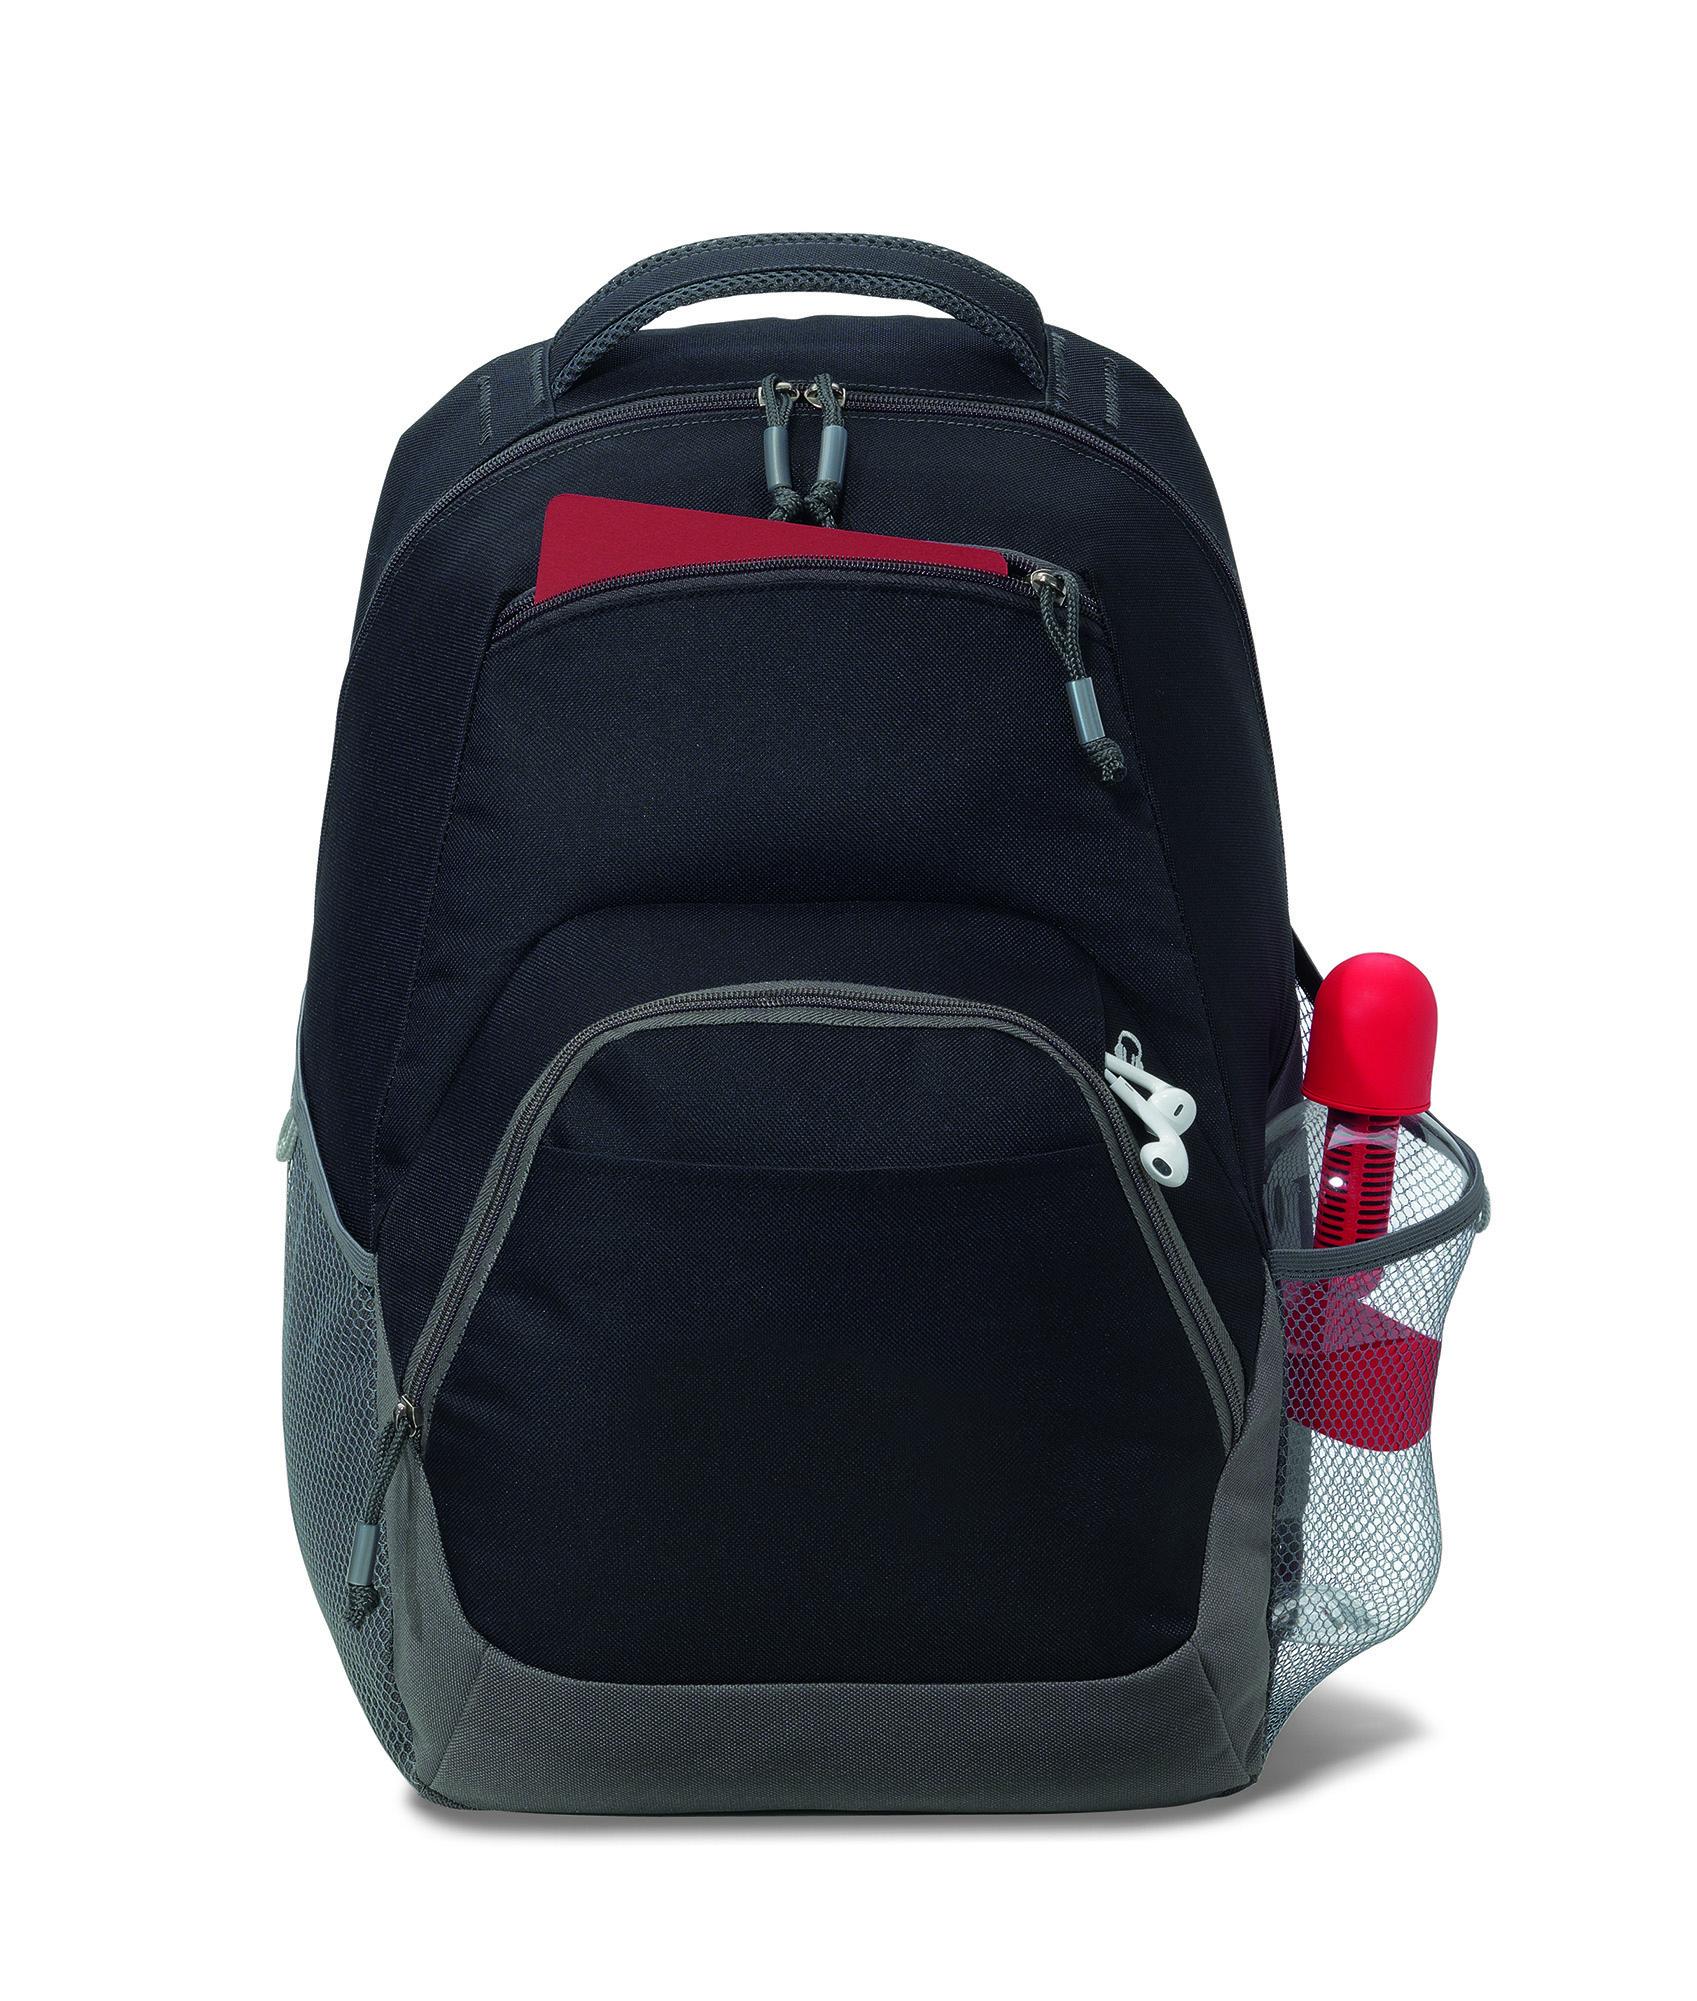 Gemline 5401 - Rangeley Computer Backpack